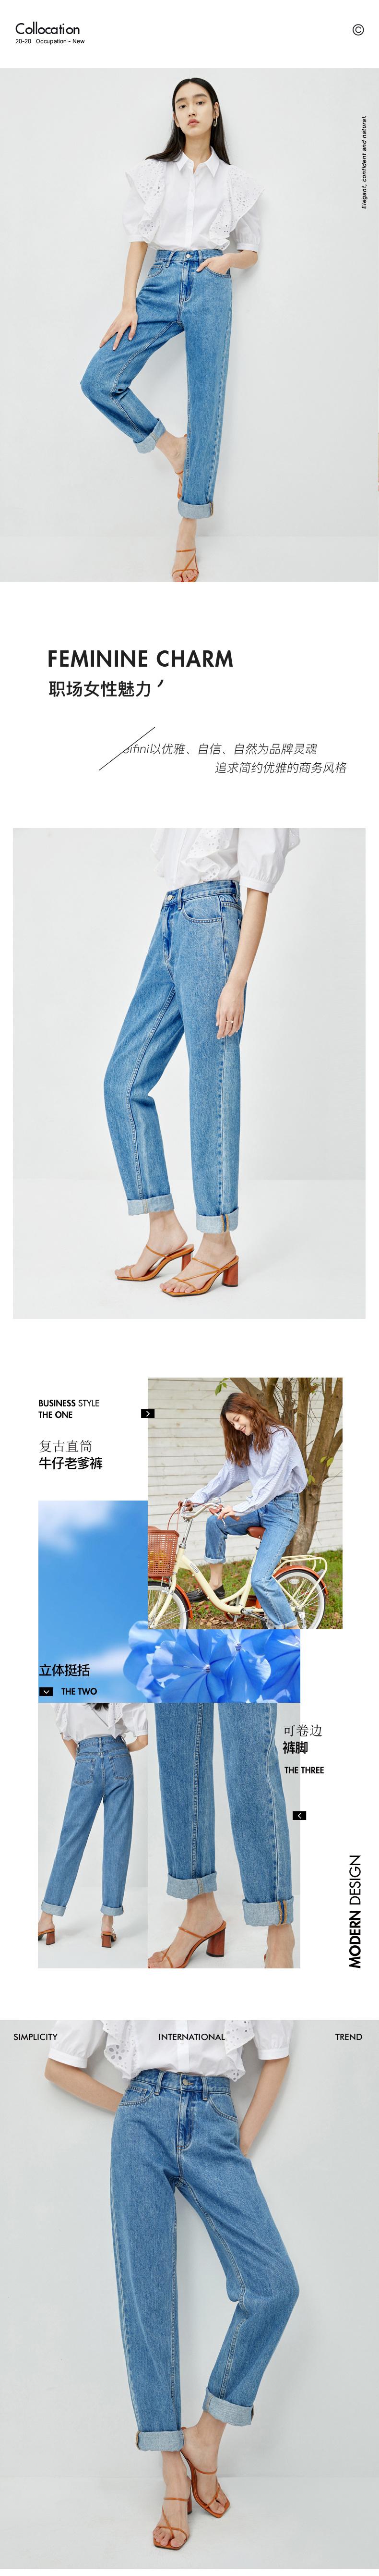 伊芙丽2020春装新款老爹裤韩版显瘦浅色牛仔裤